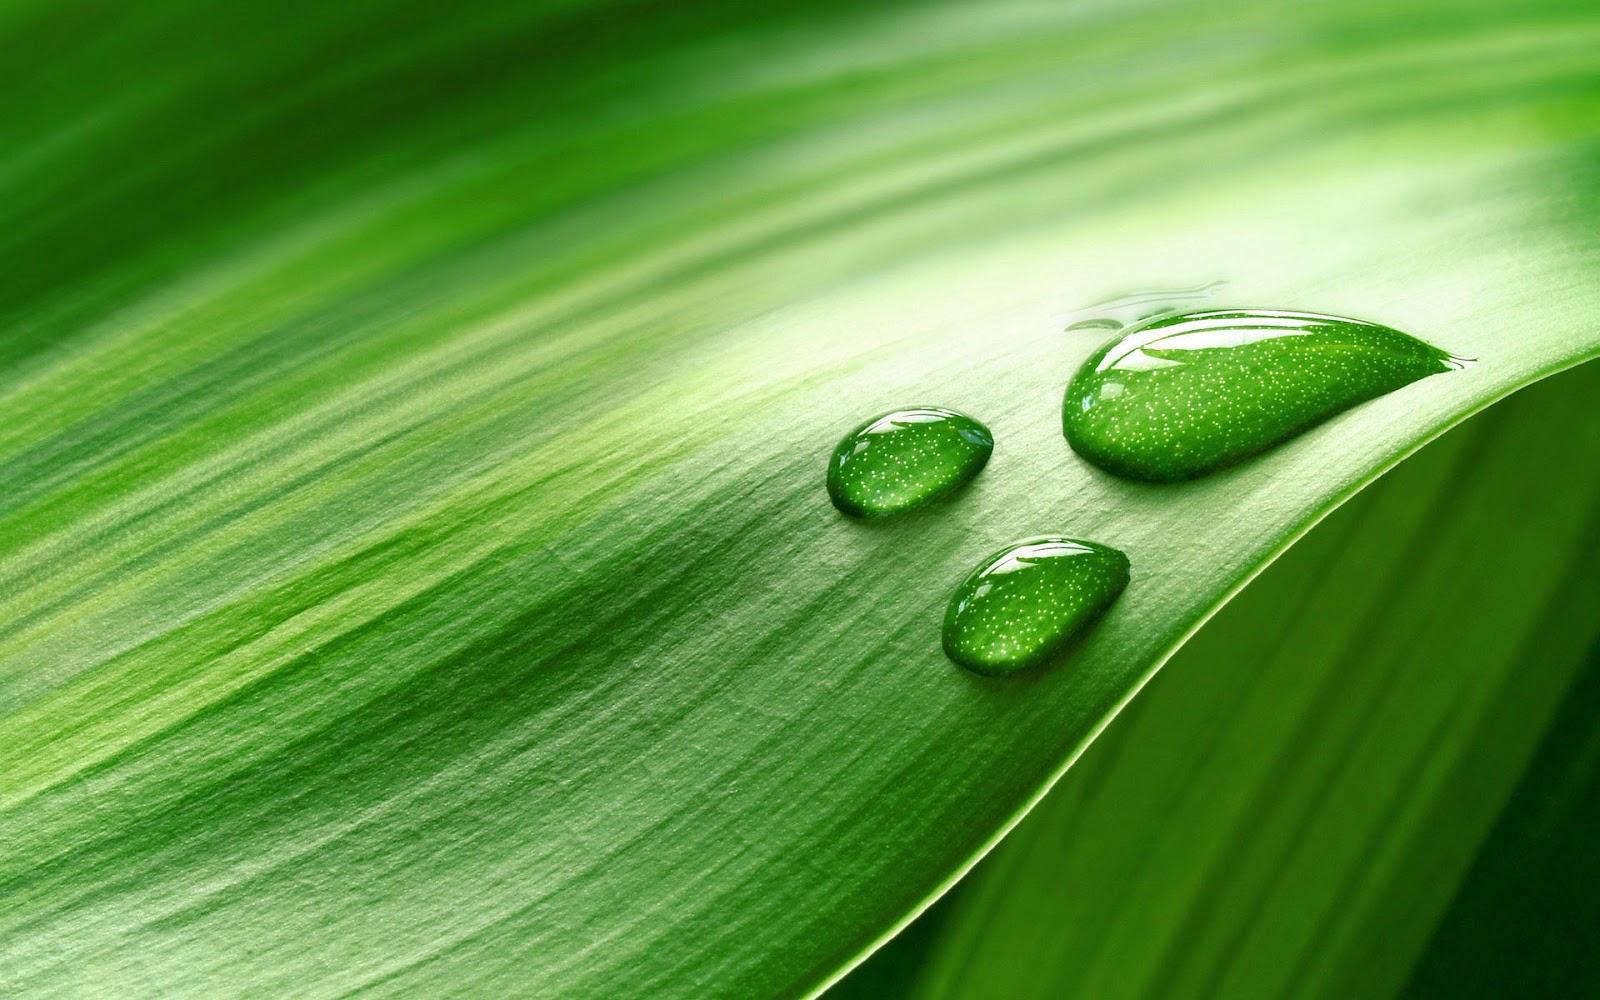 Groene achtergrond van een blad bureaublad achtergronden - Wallpaper amandelgroene ...